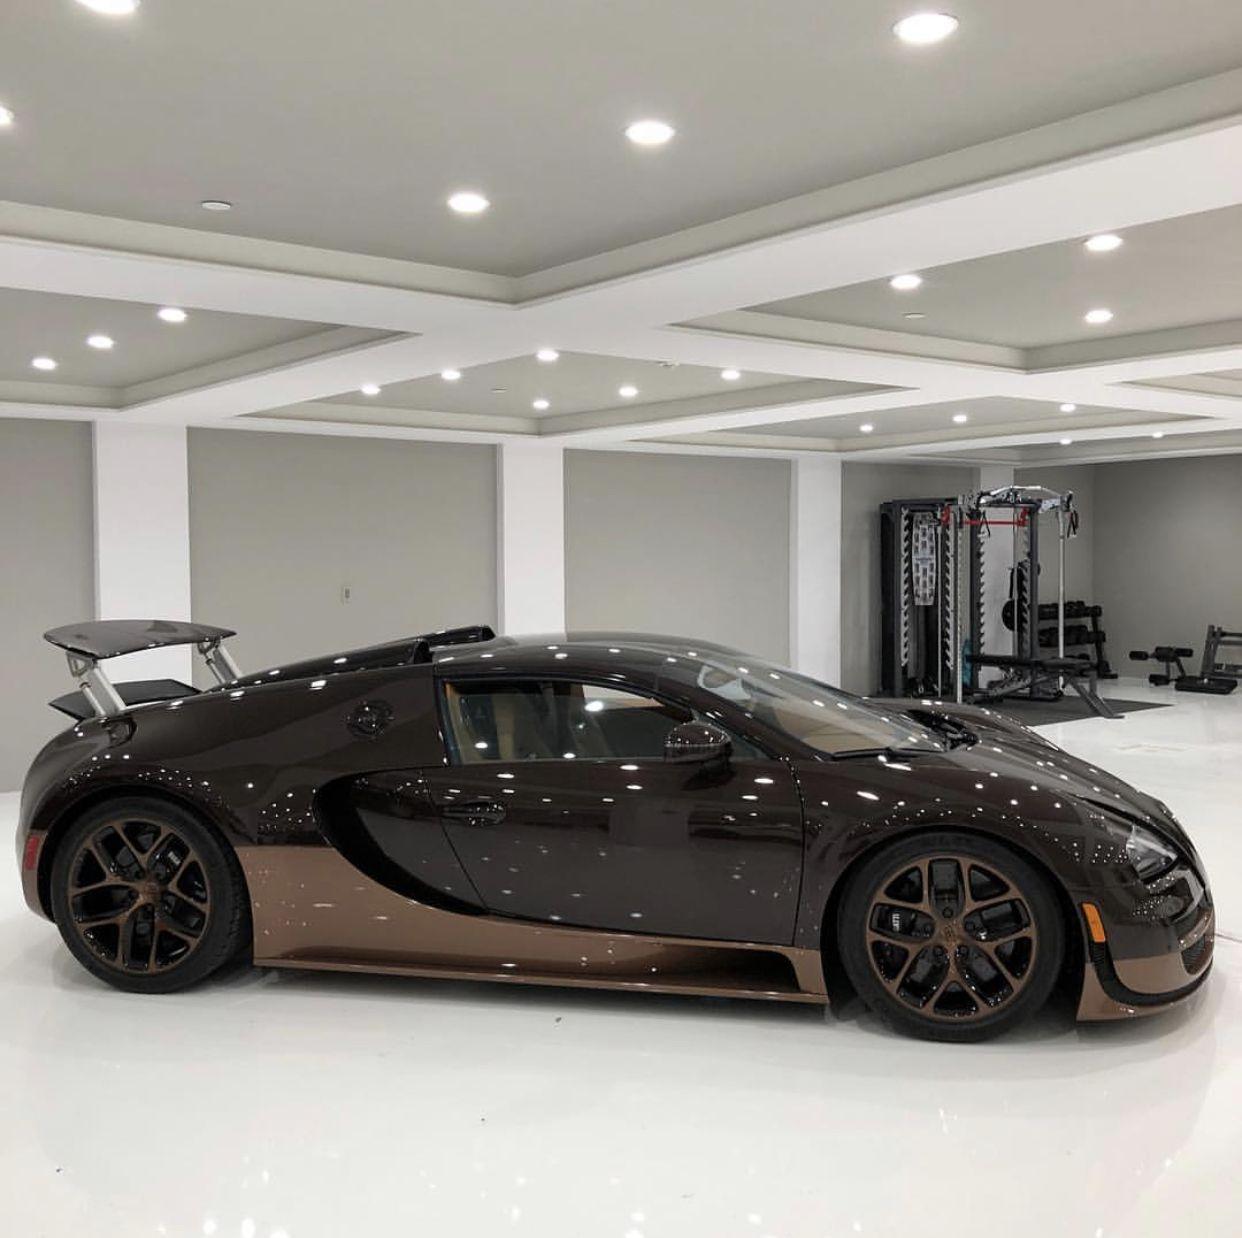 Bugatti Veyron Spoiler: Bugatti Grand Sport Vitesse In Fully Exposed Brown Carbon